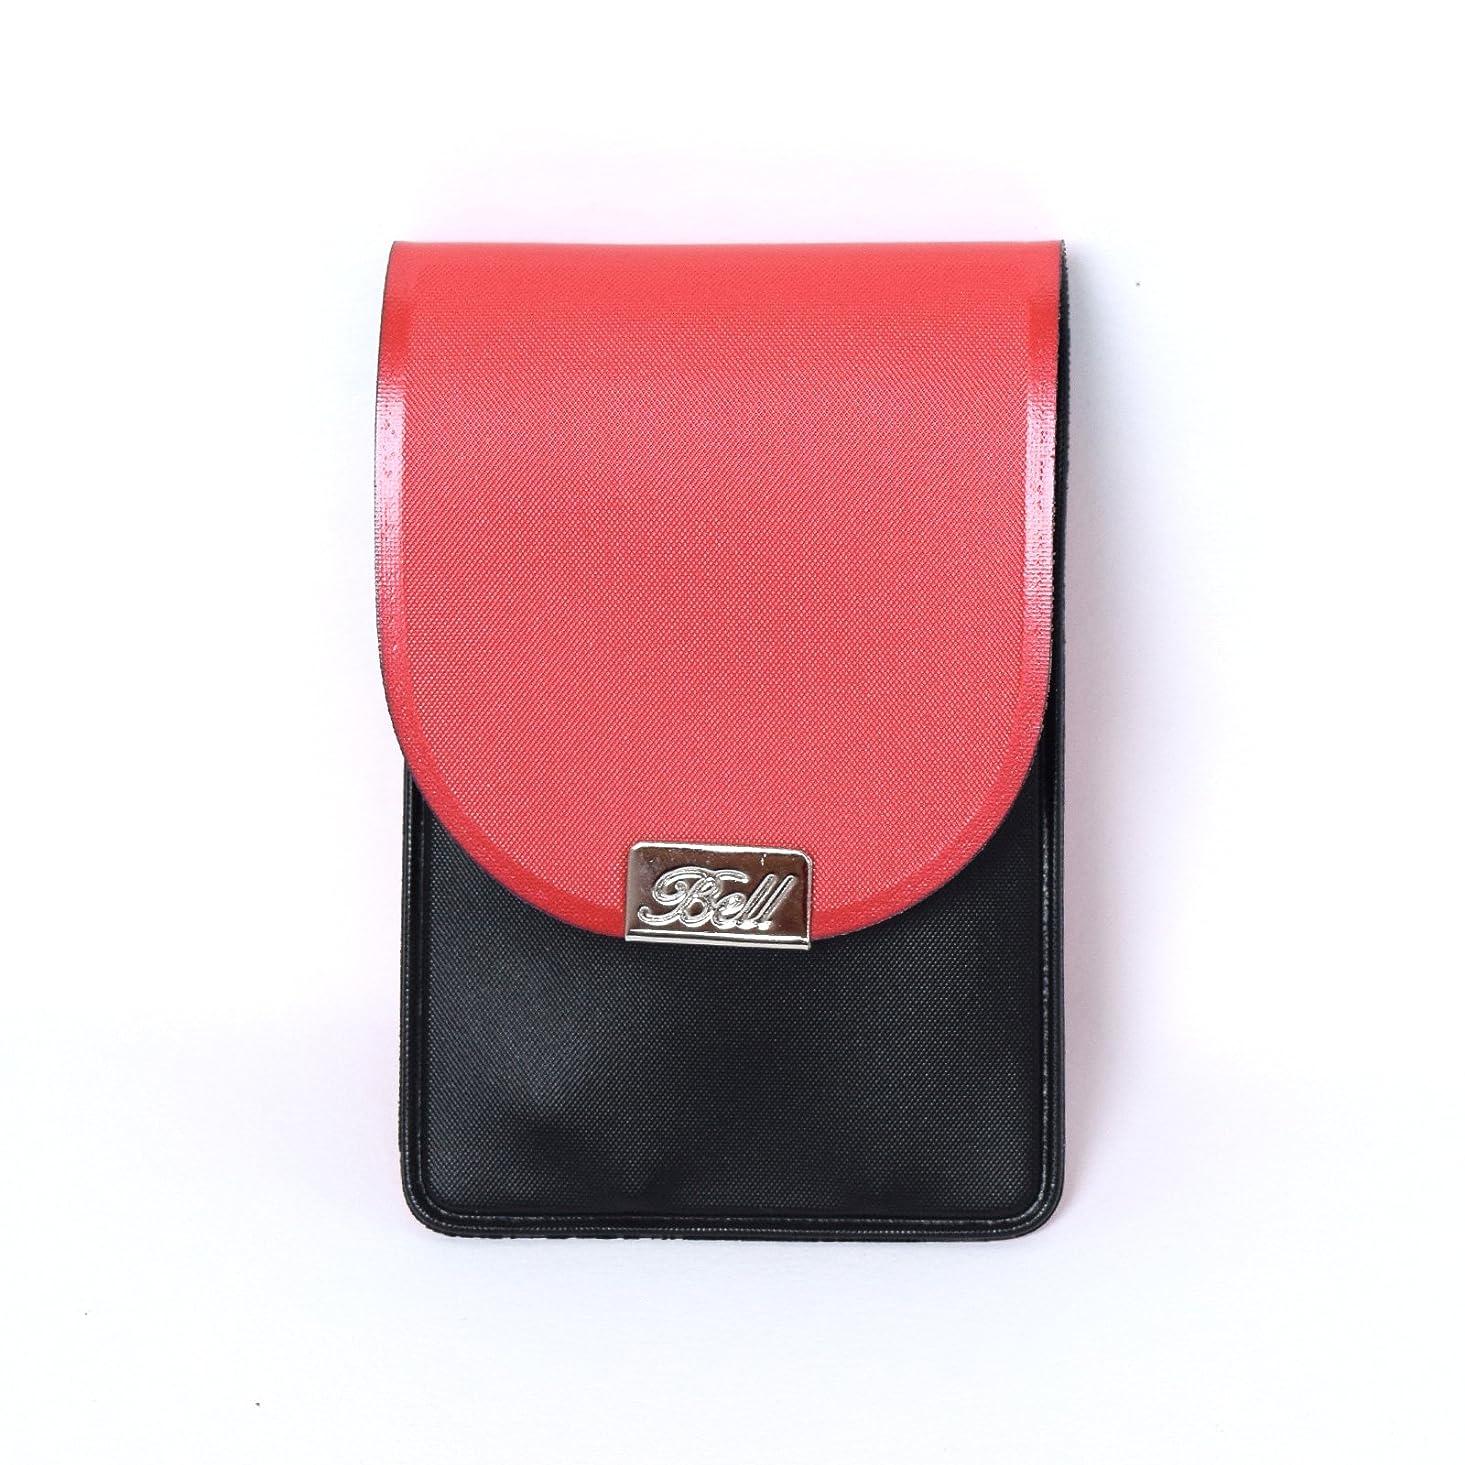 血色の良いうなるBELL Manicure Sets BM-991Bポータブル爪ケアセットトラベル爪切りセットステンレス鋼の失速構成ブラック&レッドの配色高周波ケースPortable Nail Clippers Nail Care Set